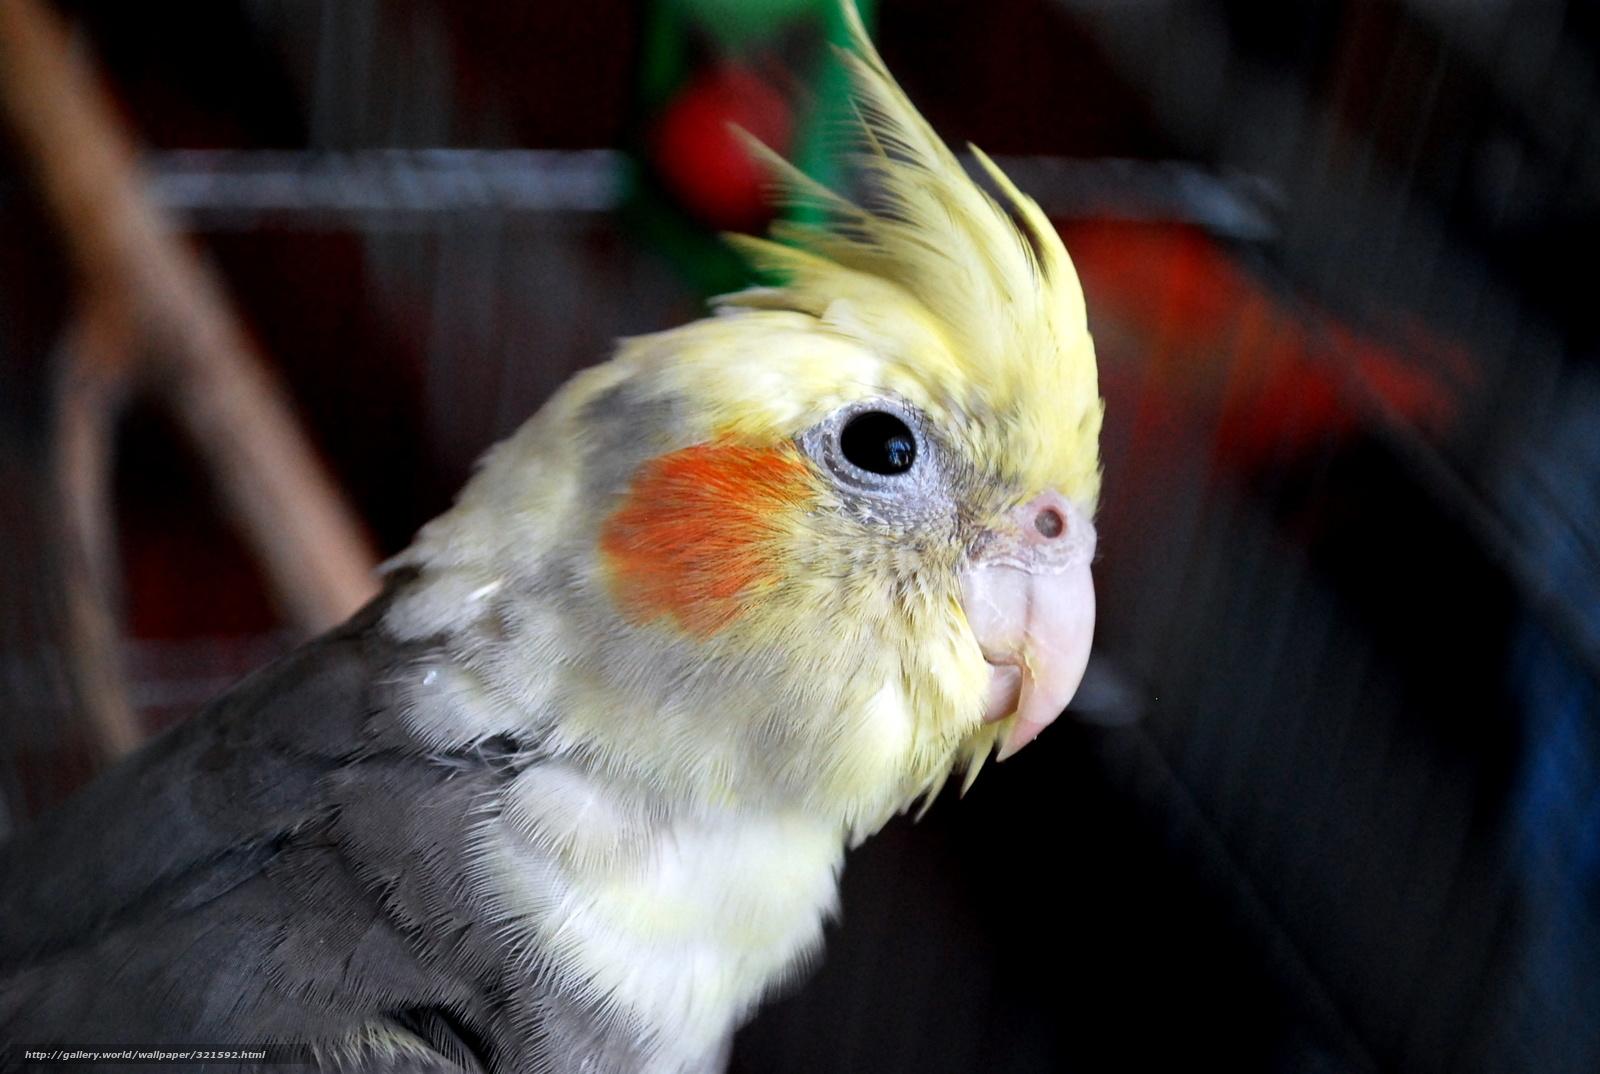 Скачать обои попугай,   корелла,   птица бесплатно для рабочего стола в разрешении 2896x1944 — картинка №321592